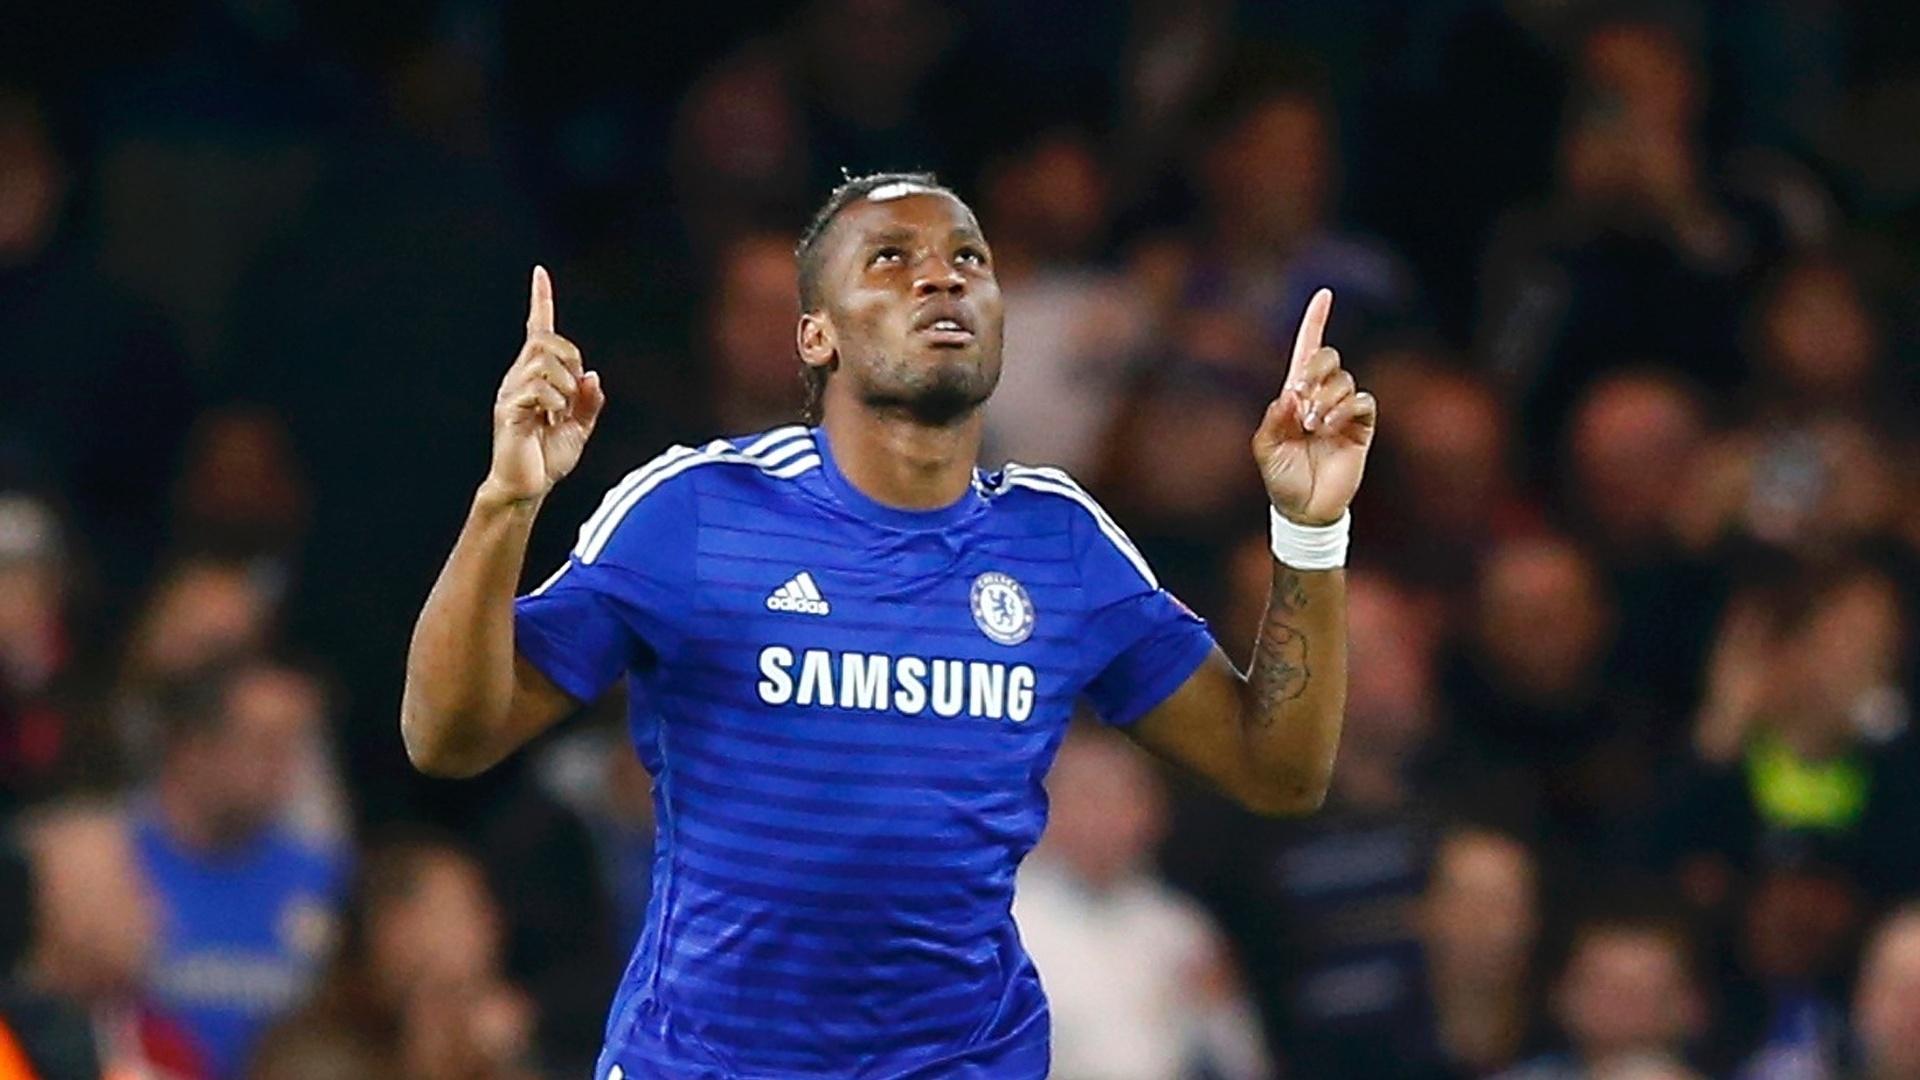 Drogba comemora seu gol pelo Chelsea na Liga dos Campeões